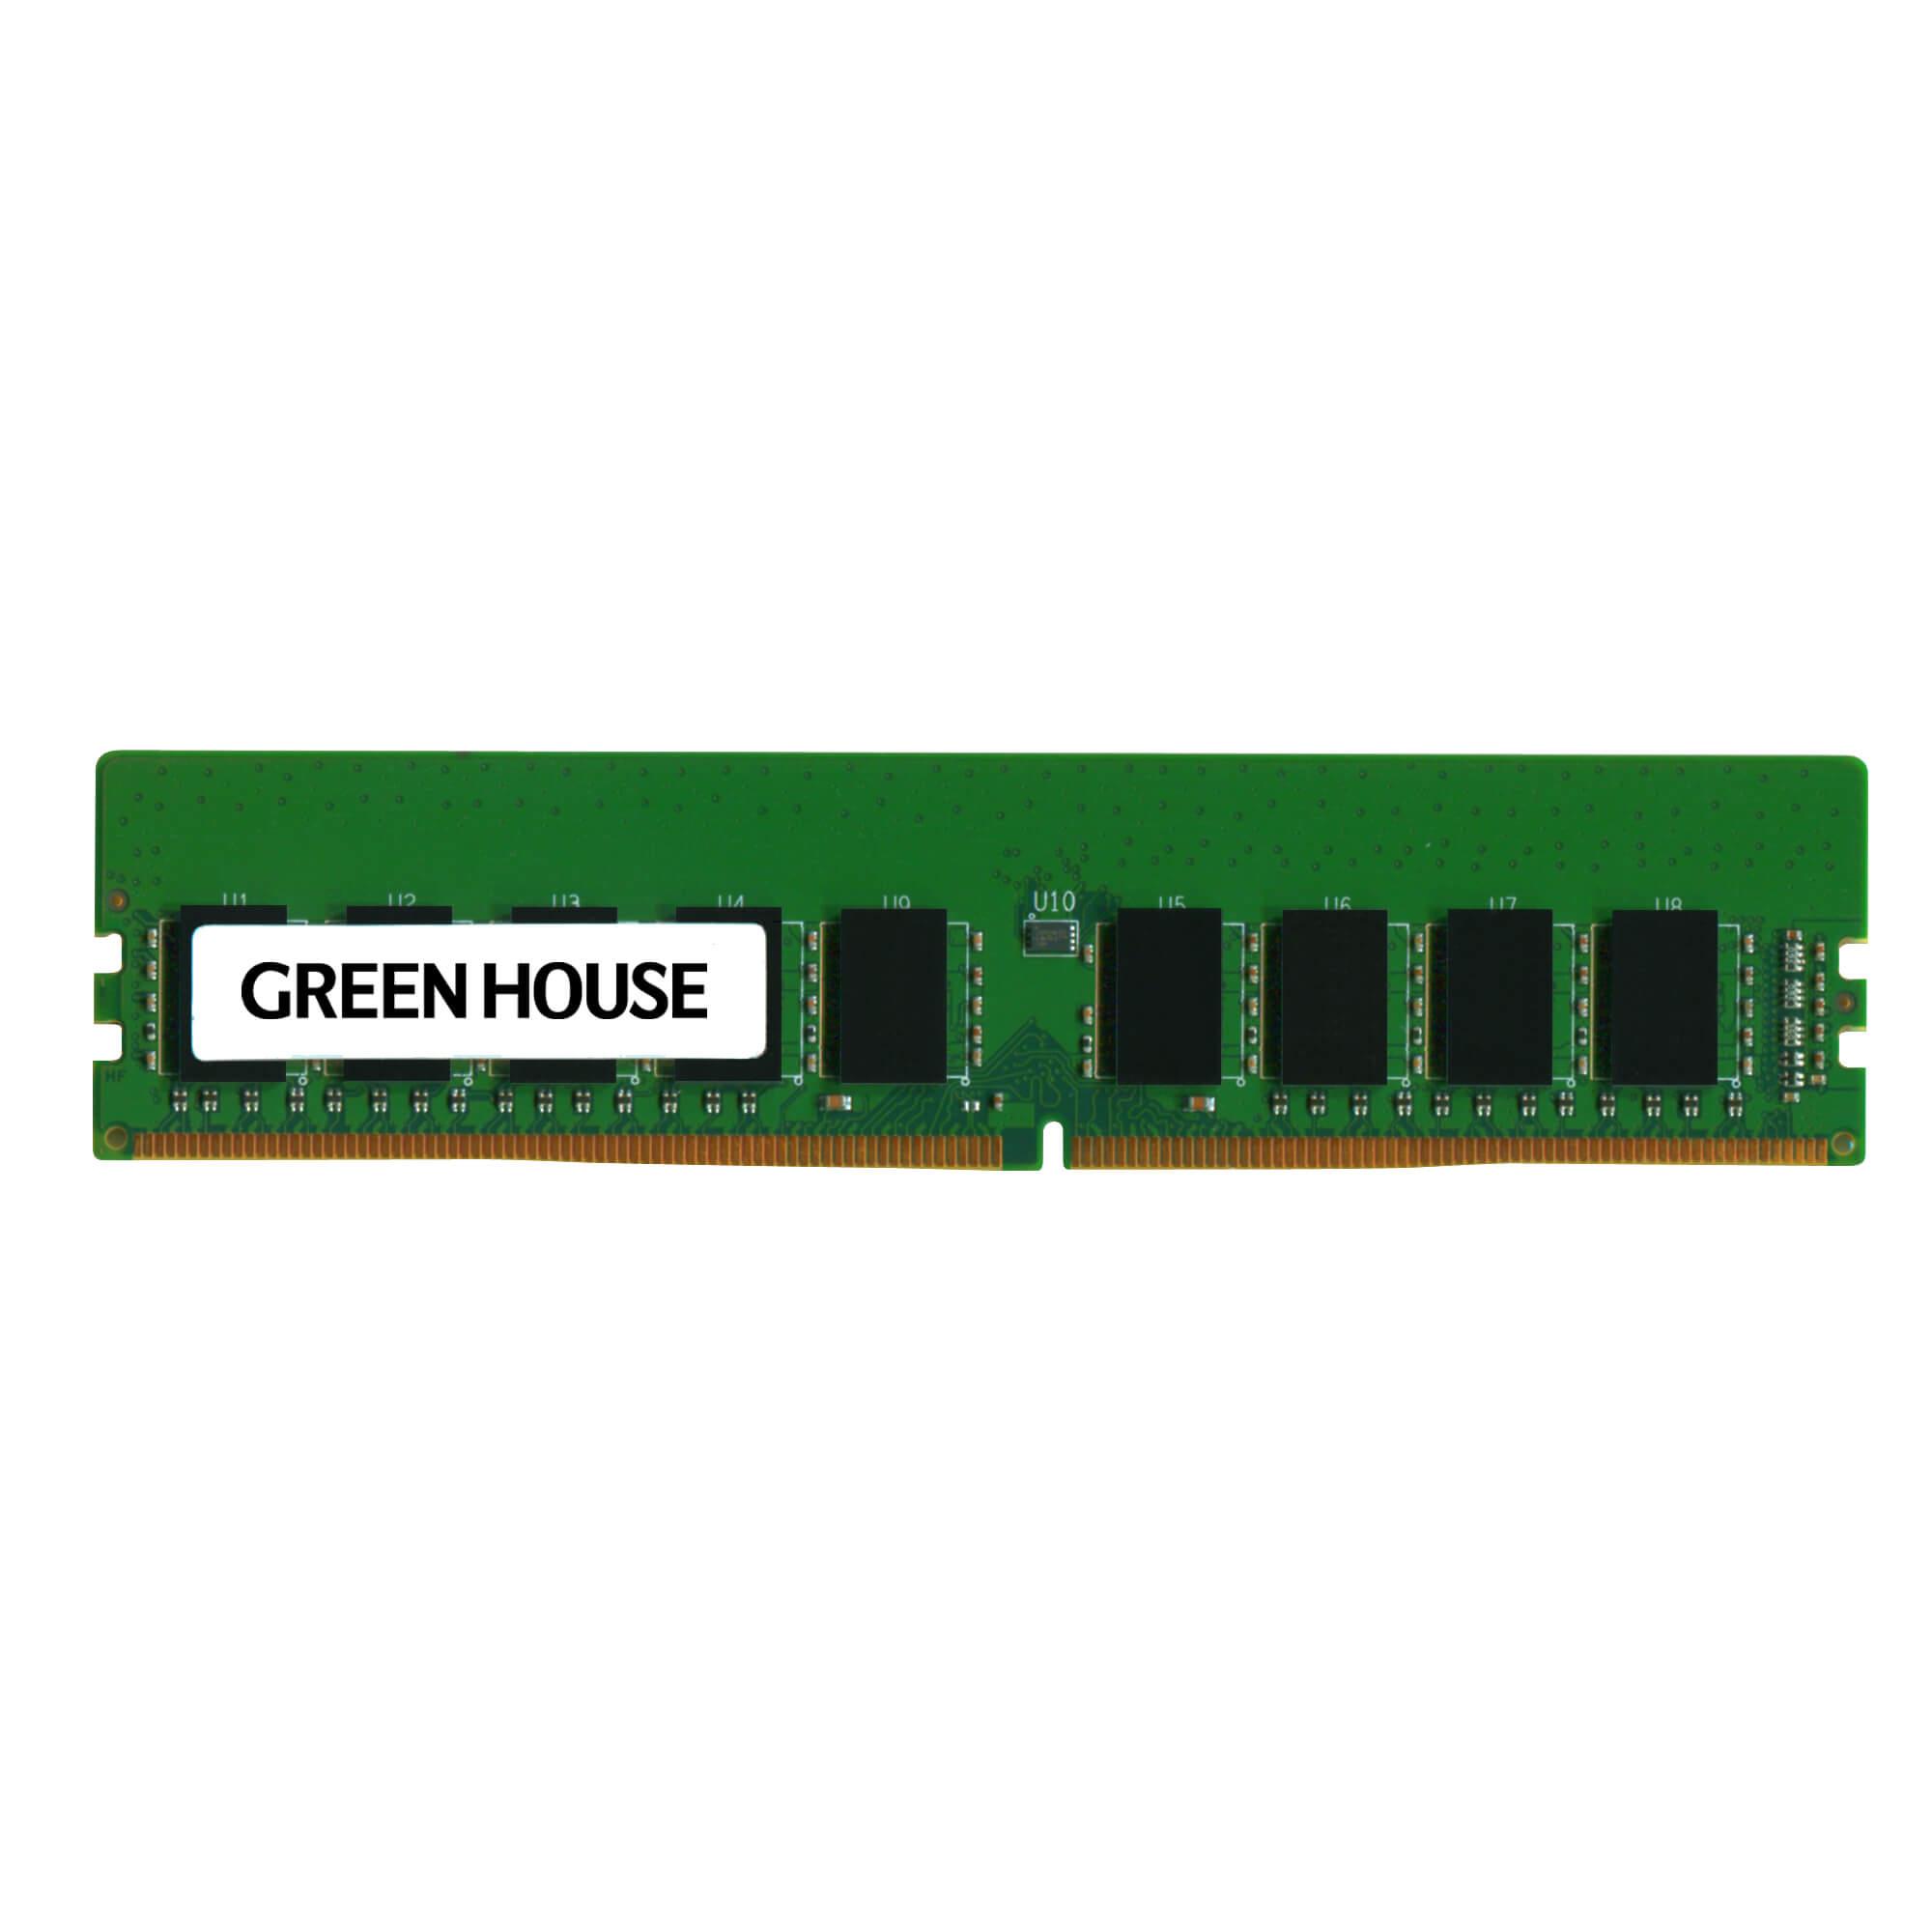 GH-DS2133ECシリーズ